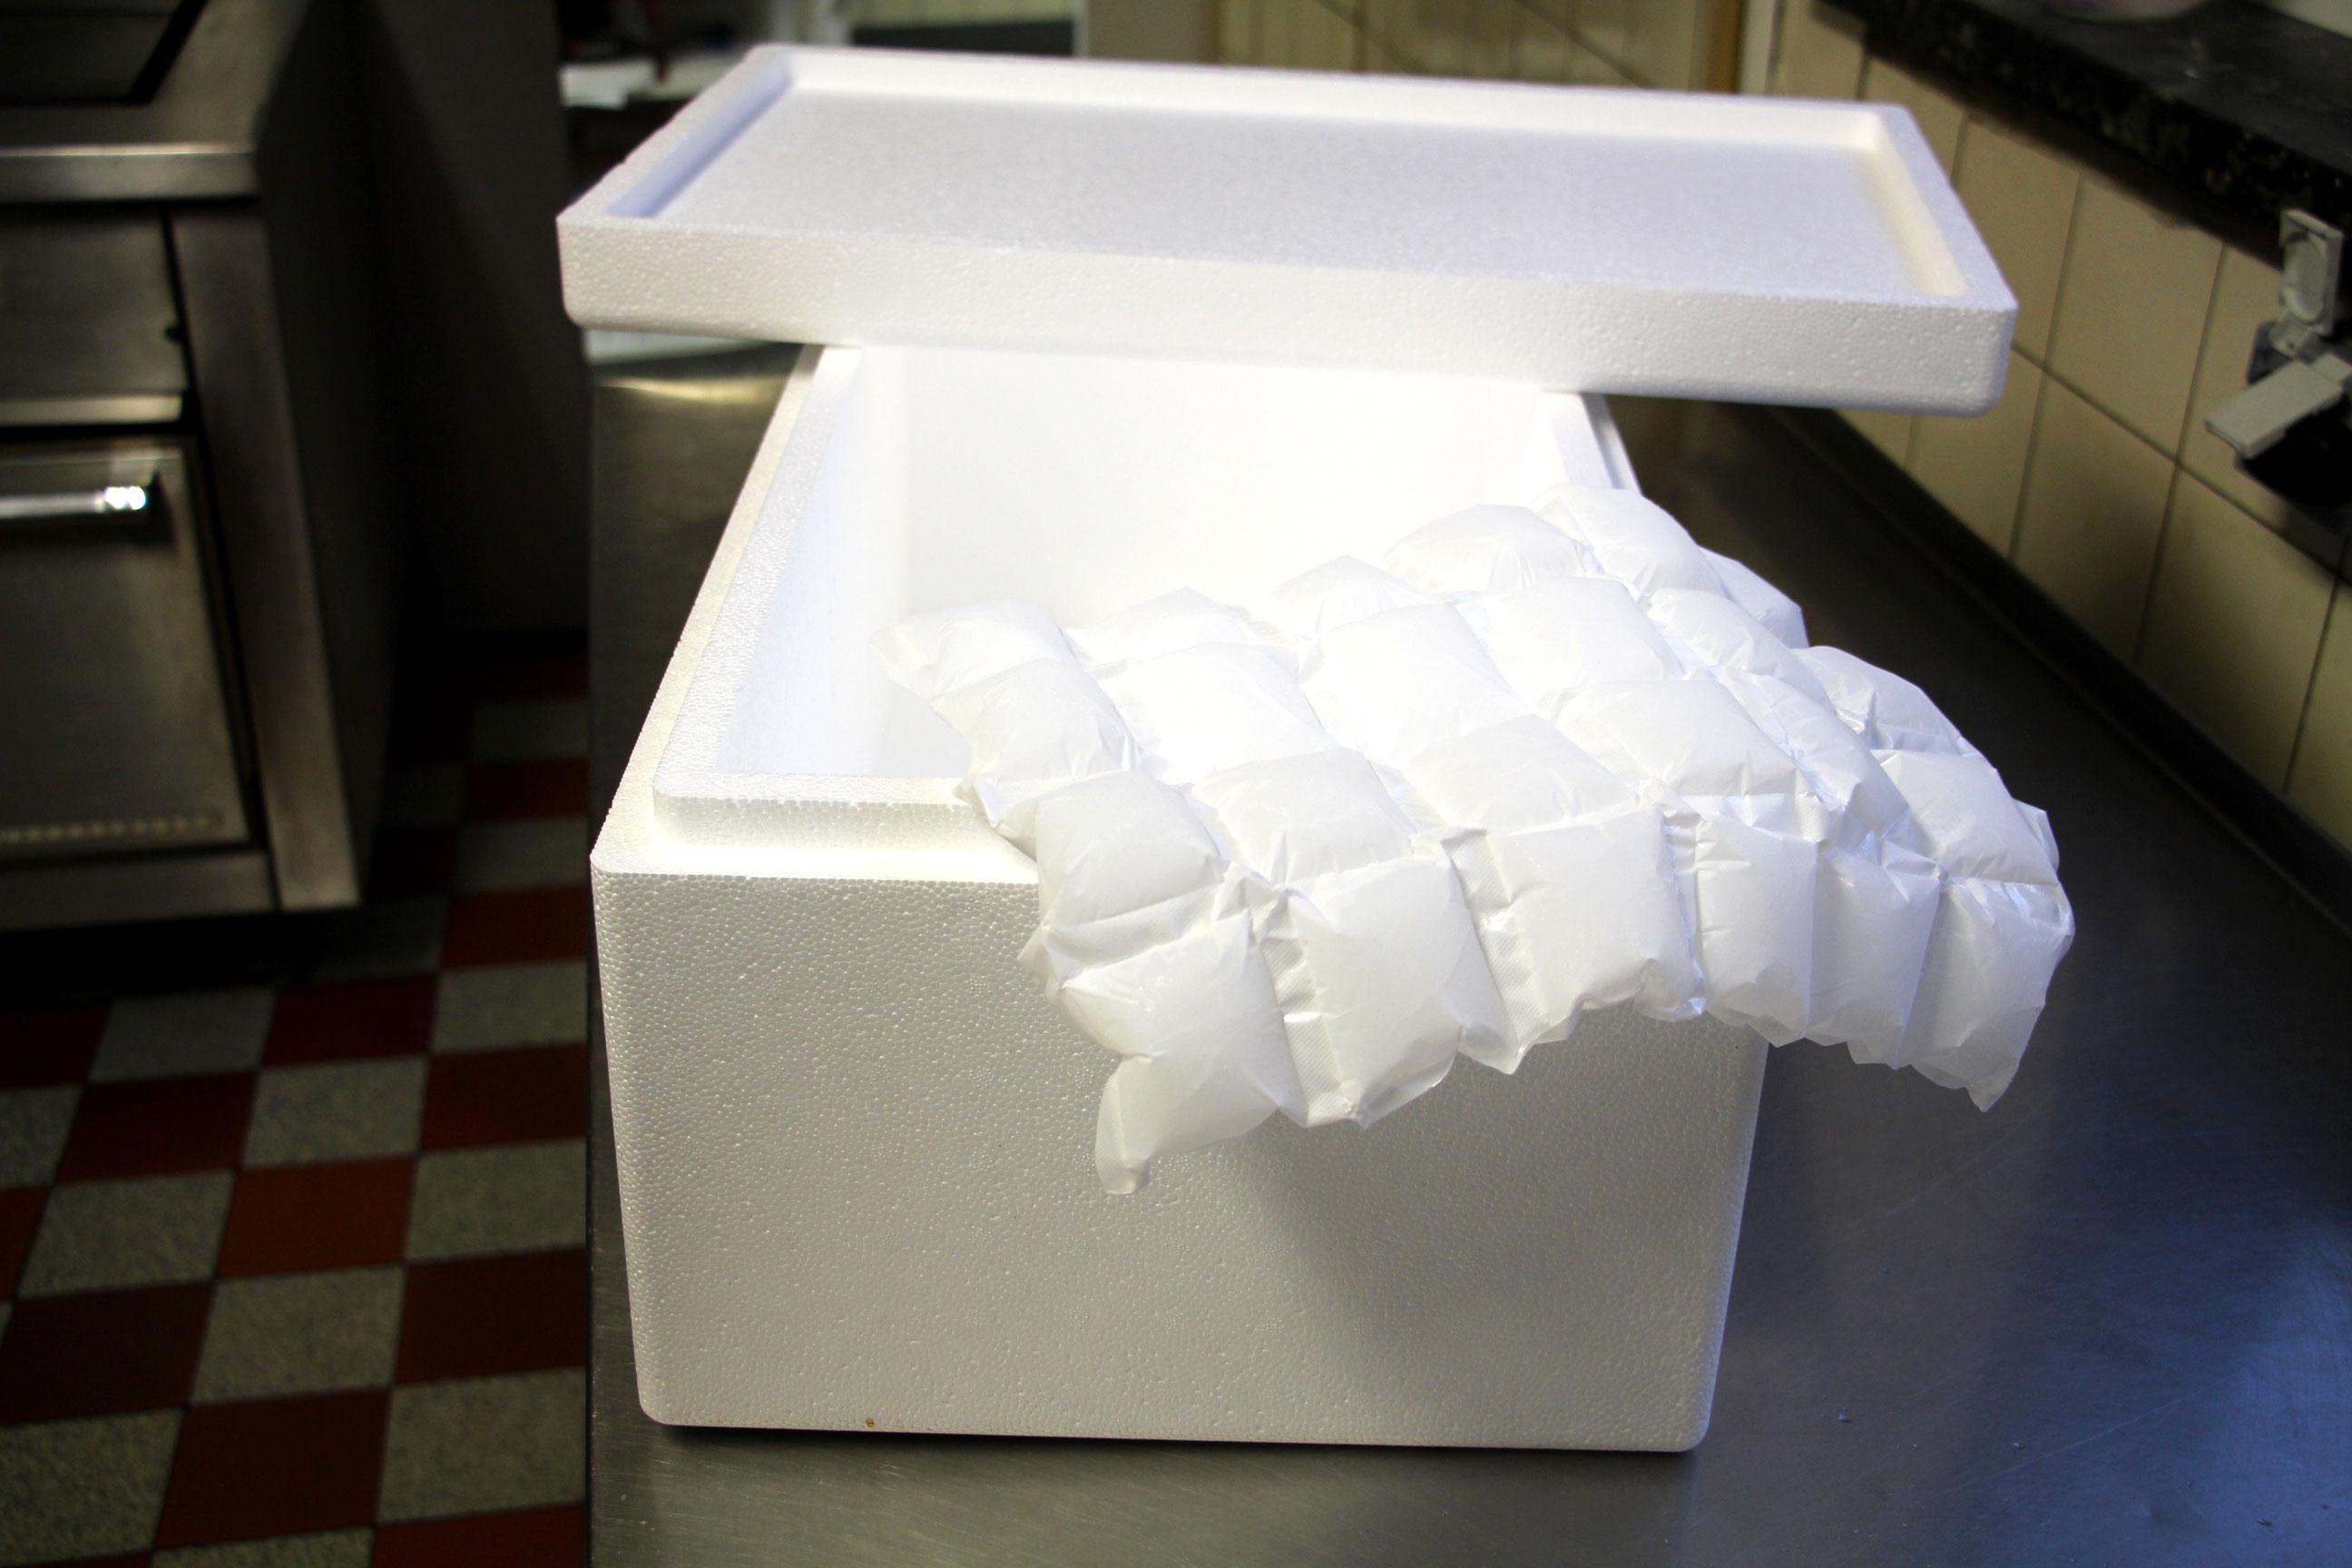 Wir versenden unsere Waren in speziellen Versandverpackungen